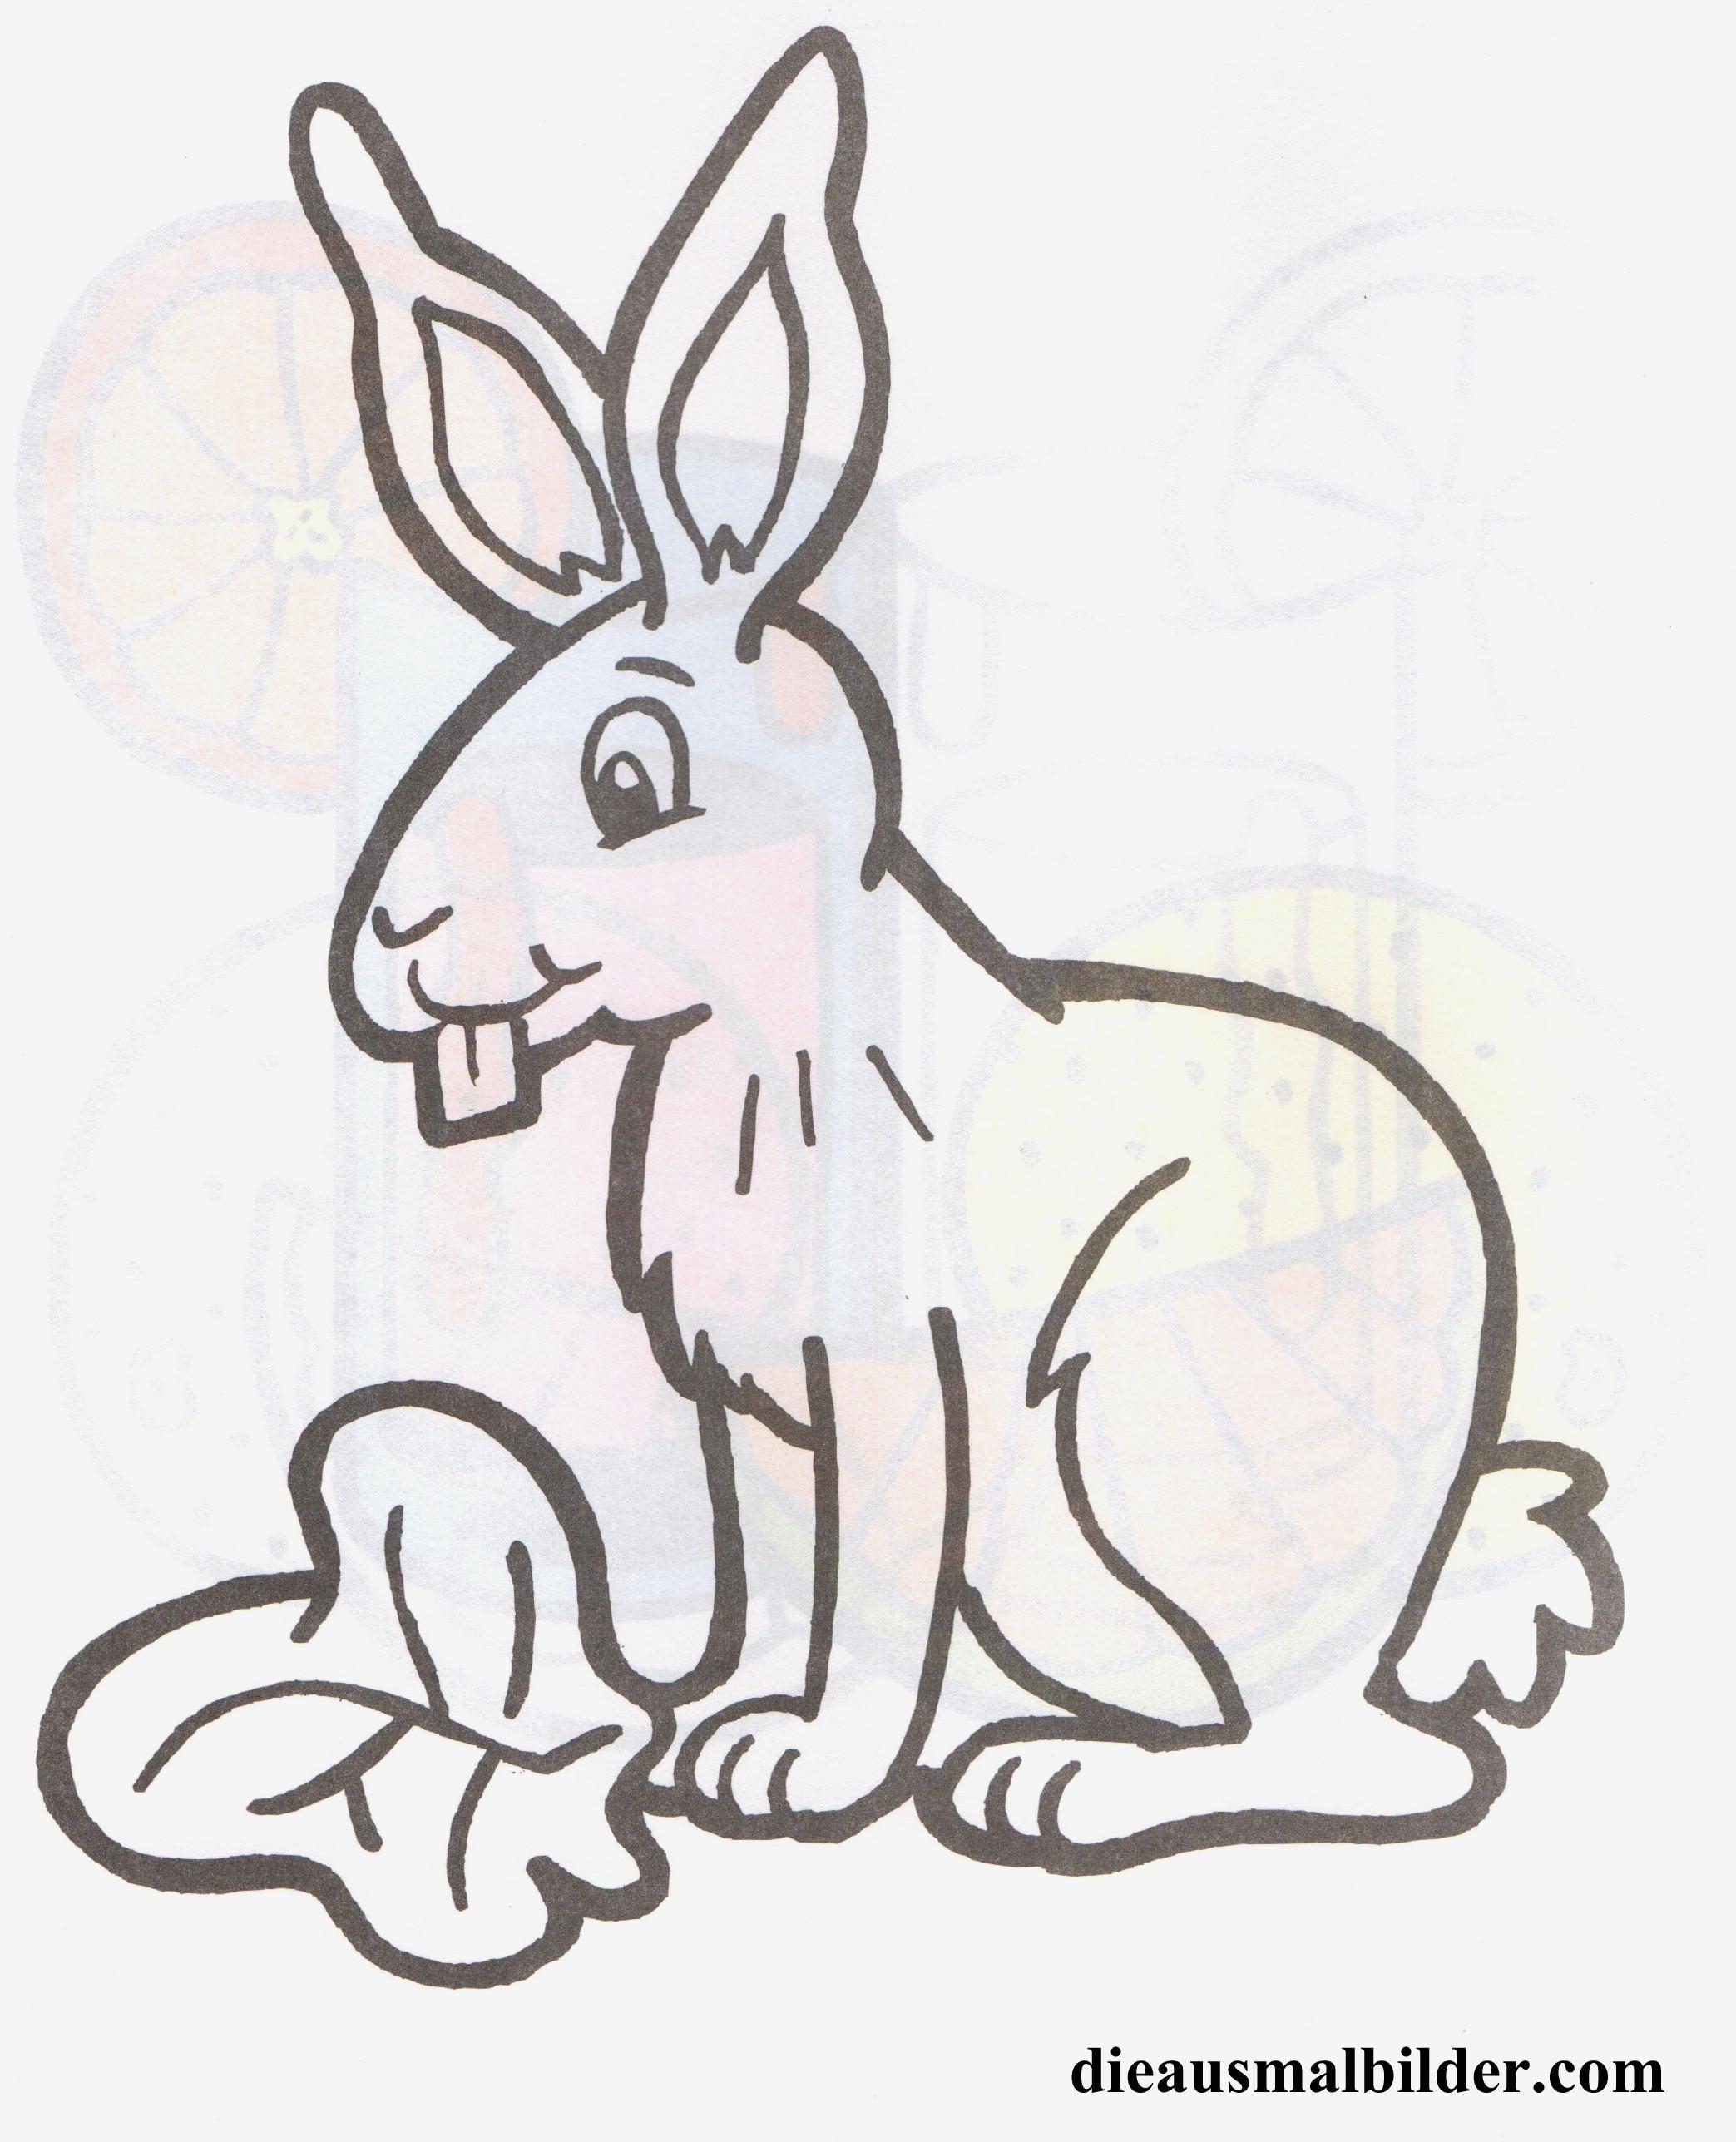 Ausmalbilder Ostern Hase Frisch Bilder Zum Ausmalen Bekommen Ausmalbilder Hasen Zum Ausdrucken Fotografieren